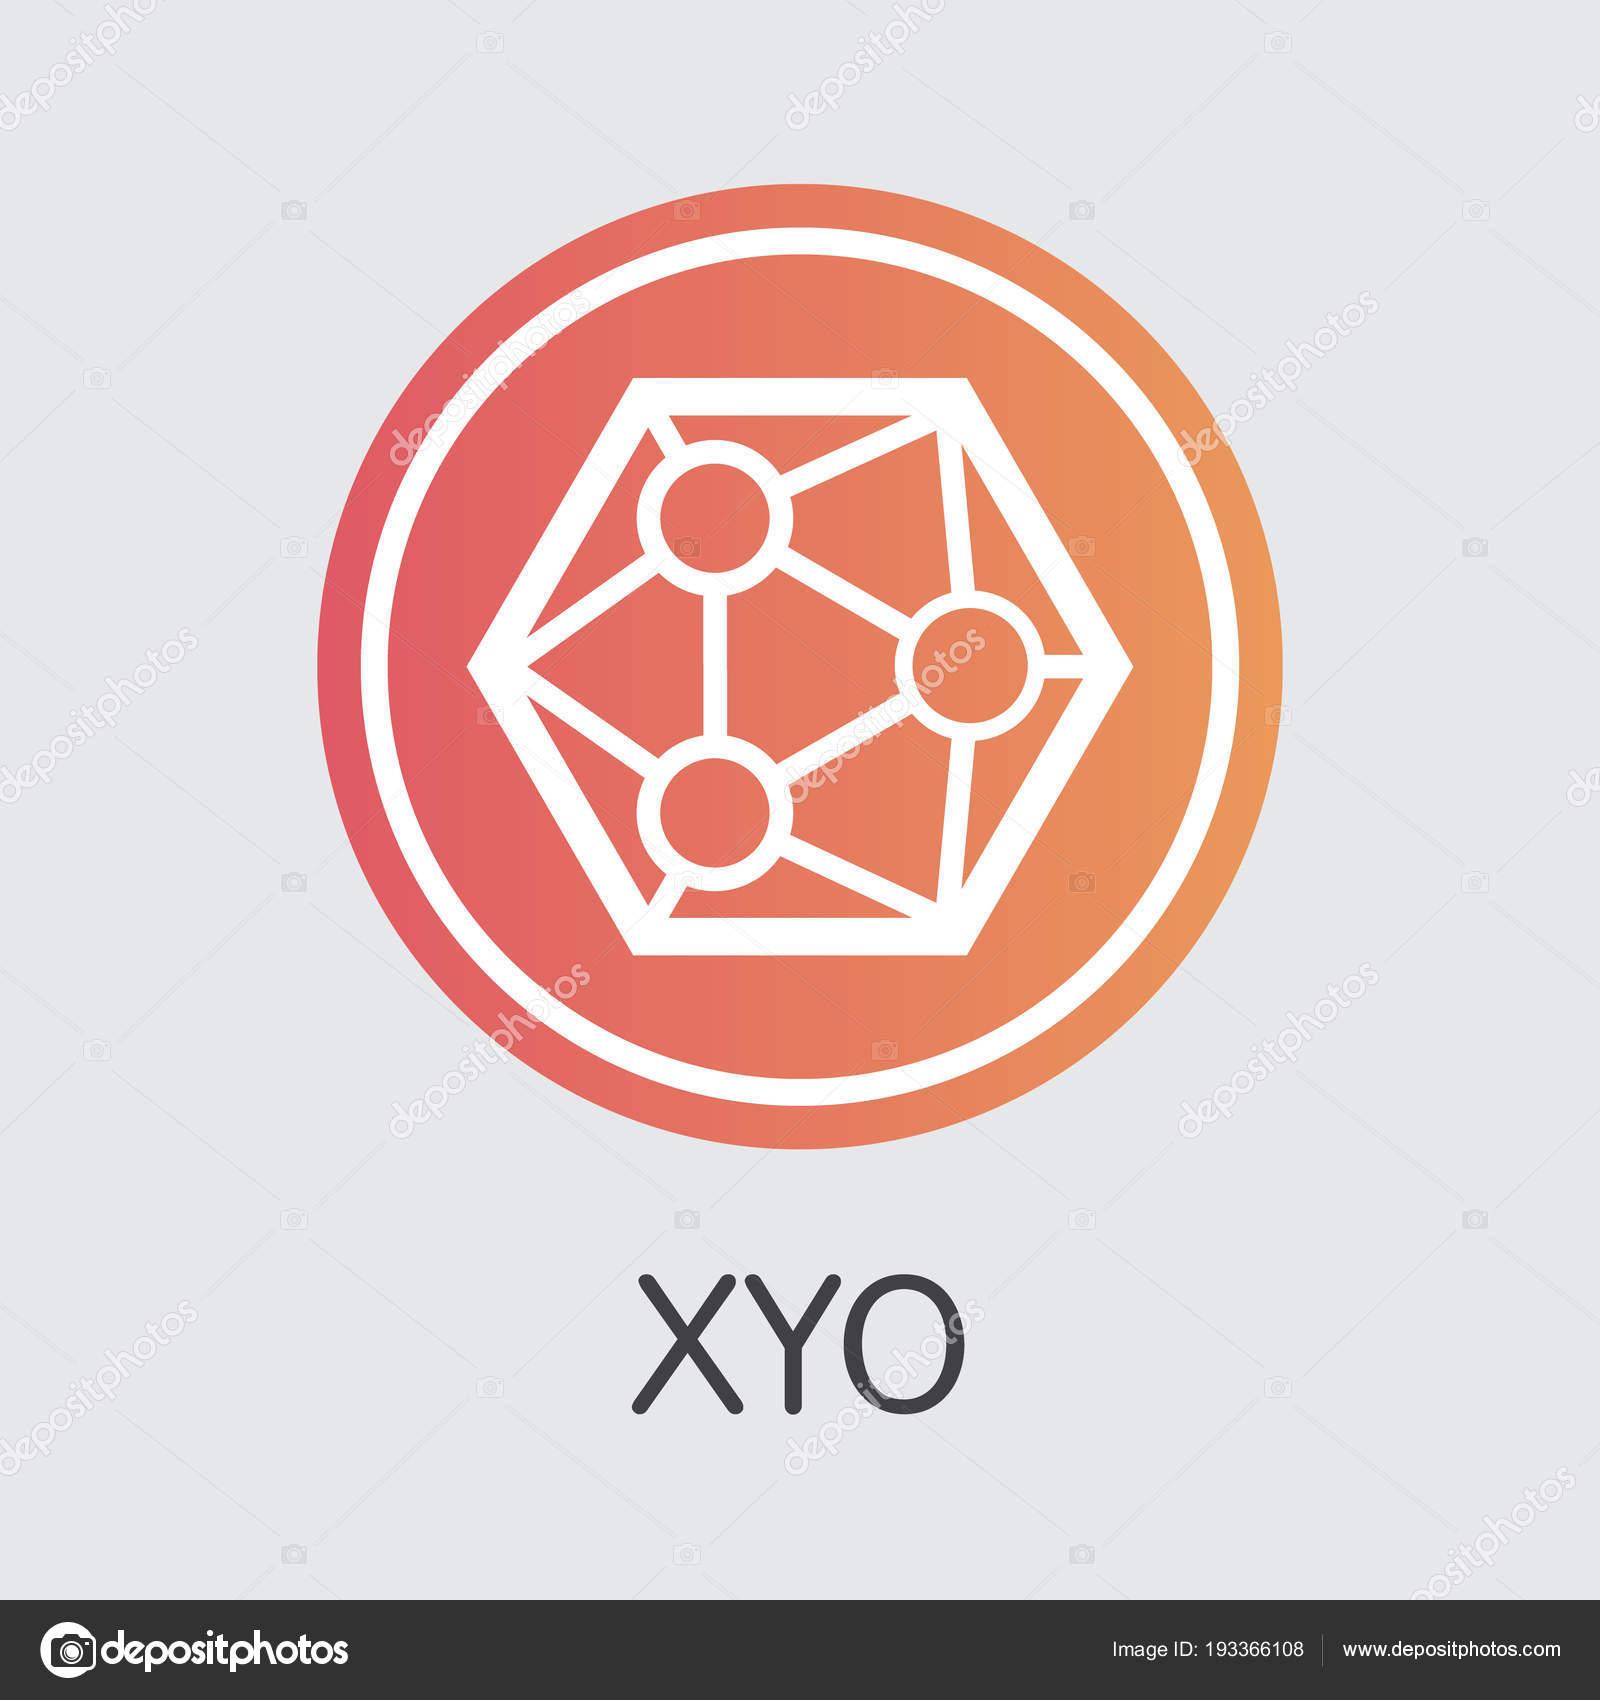 Xyo Blockchain Cryptocurrency Xyo